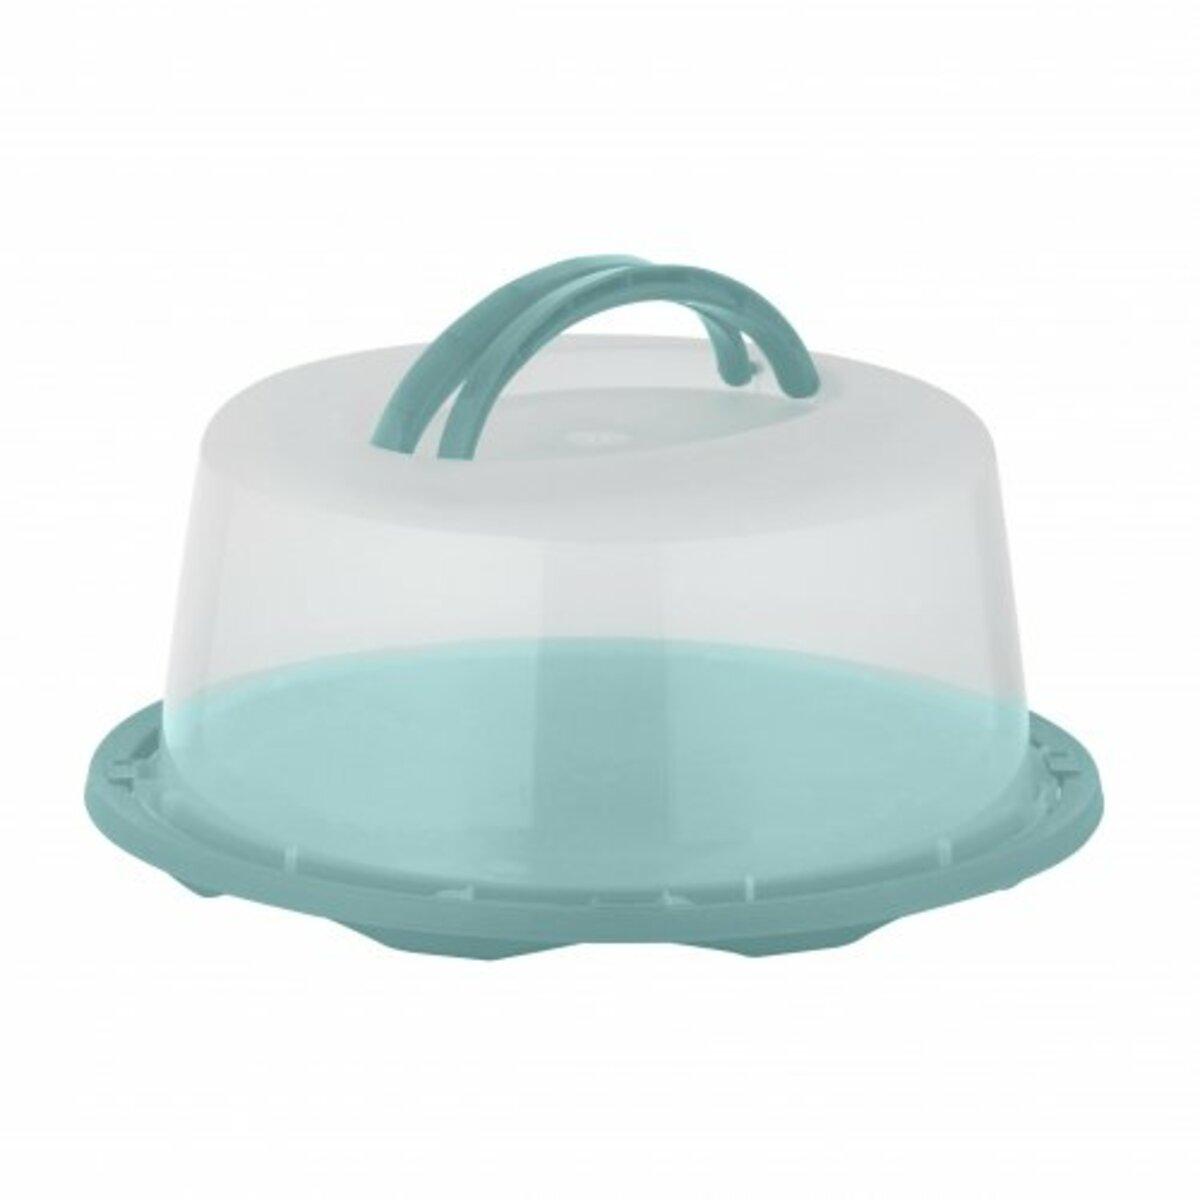 Bild 4 von *Kuchenbehälter